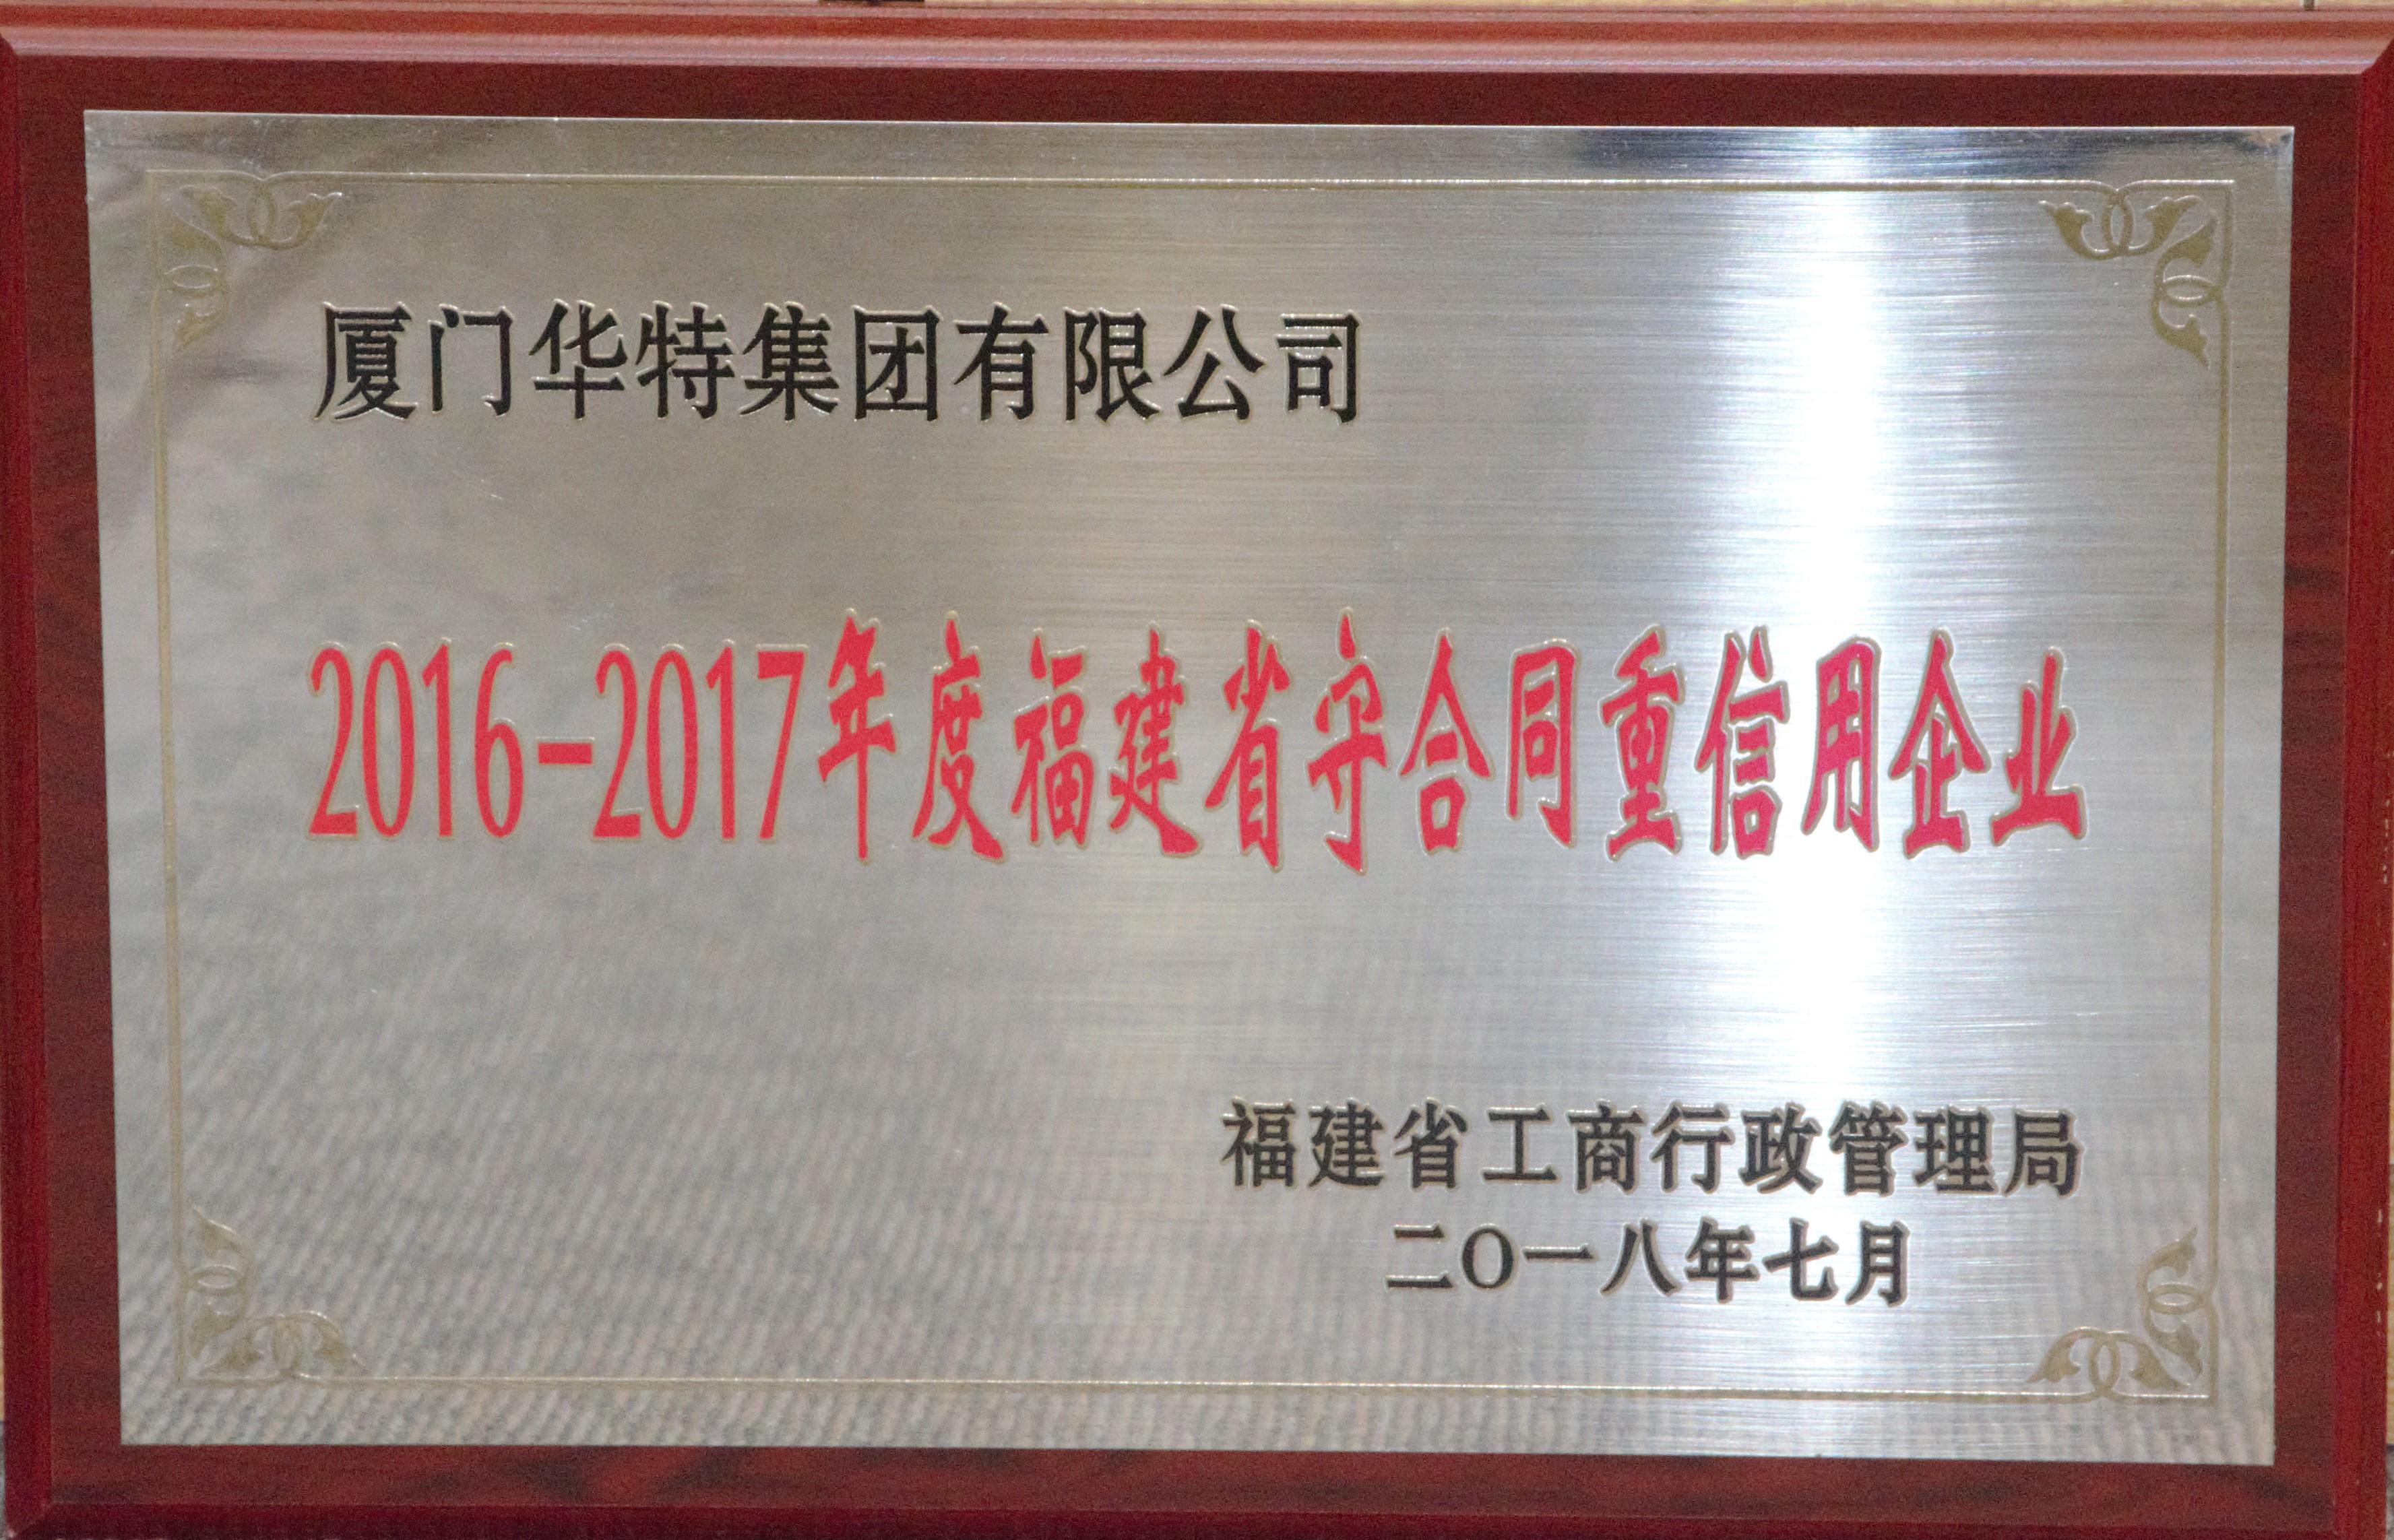 福彩3d开奖直播集团2016-2017年度守合同重信用企业牌匾——福建省.jpg